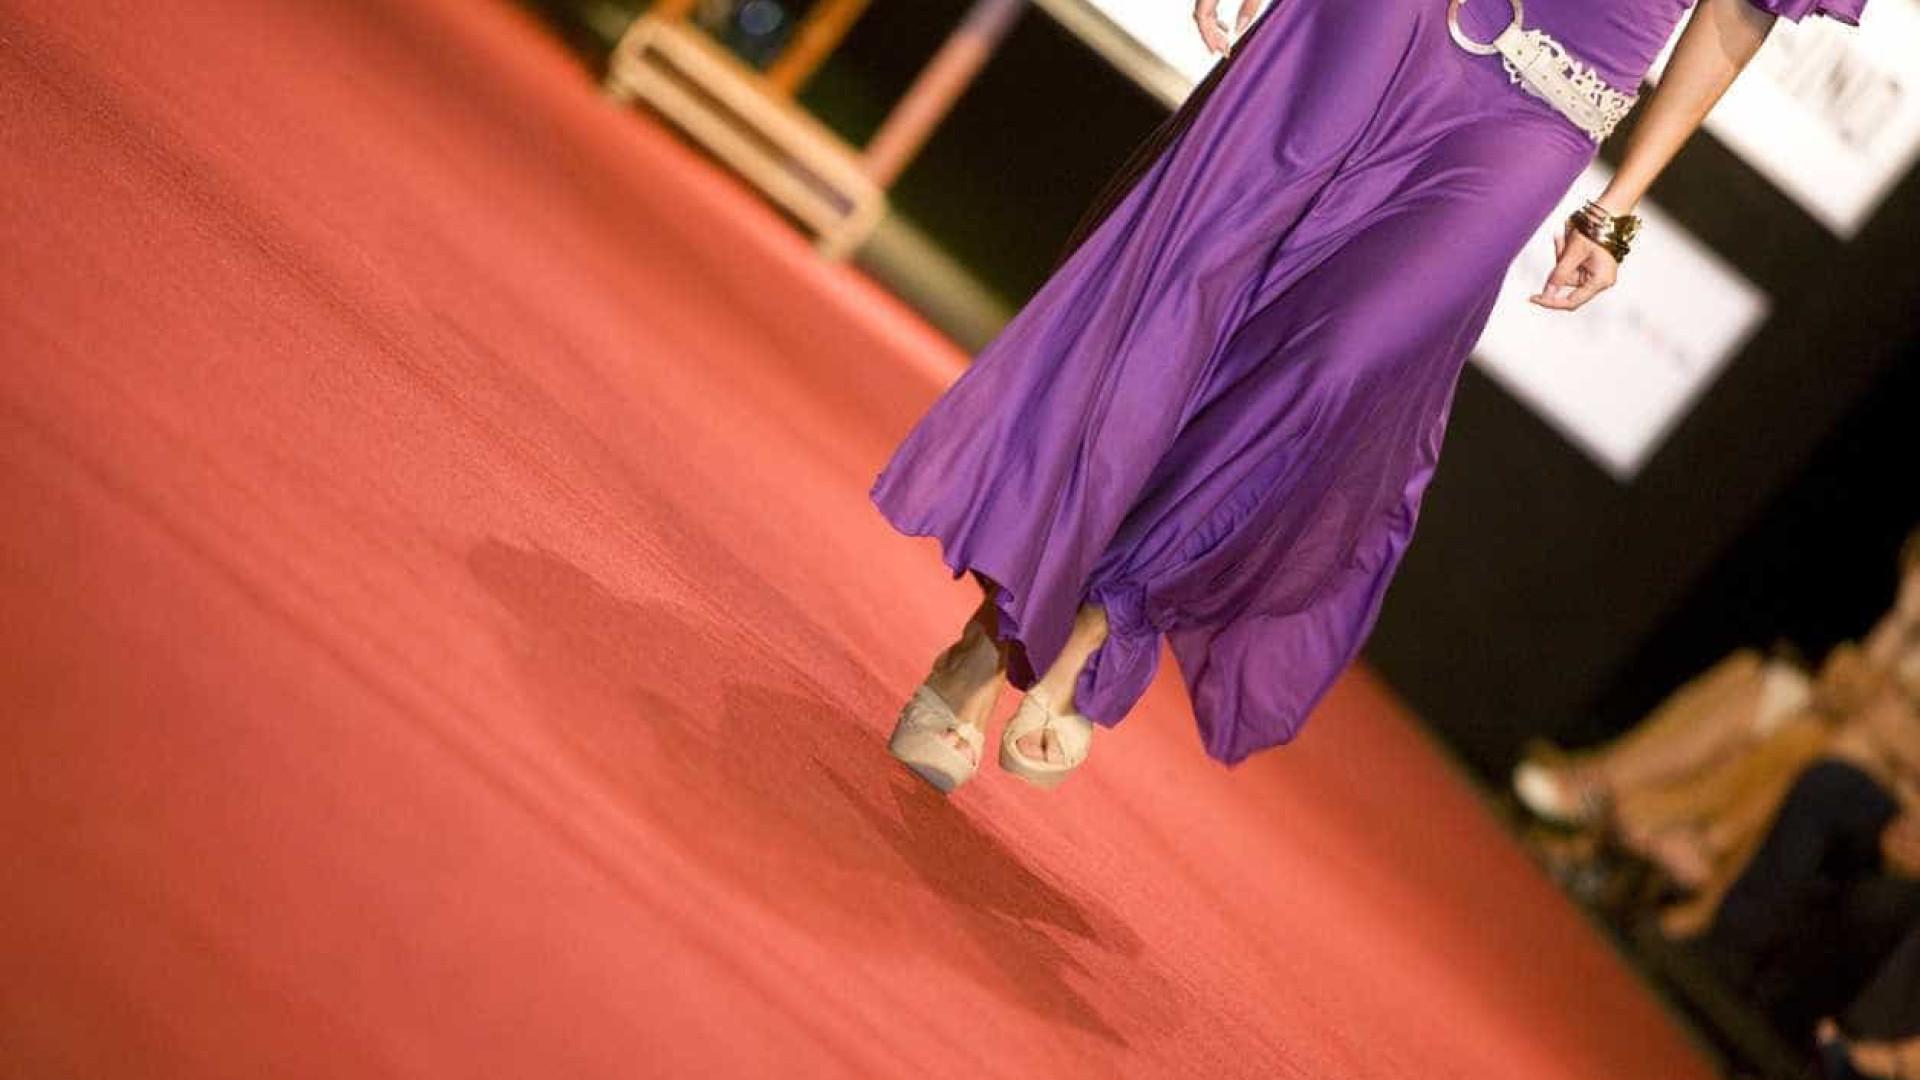 """Portugal Fashion. Casar """"arte da moda portuguesa"""" e abraçar a """"mudança"""""""